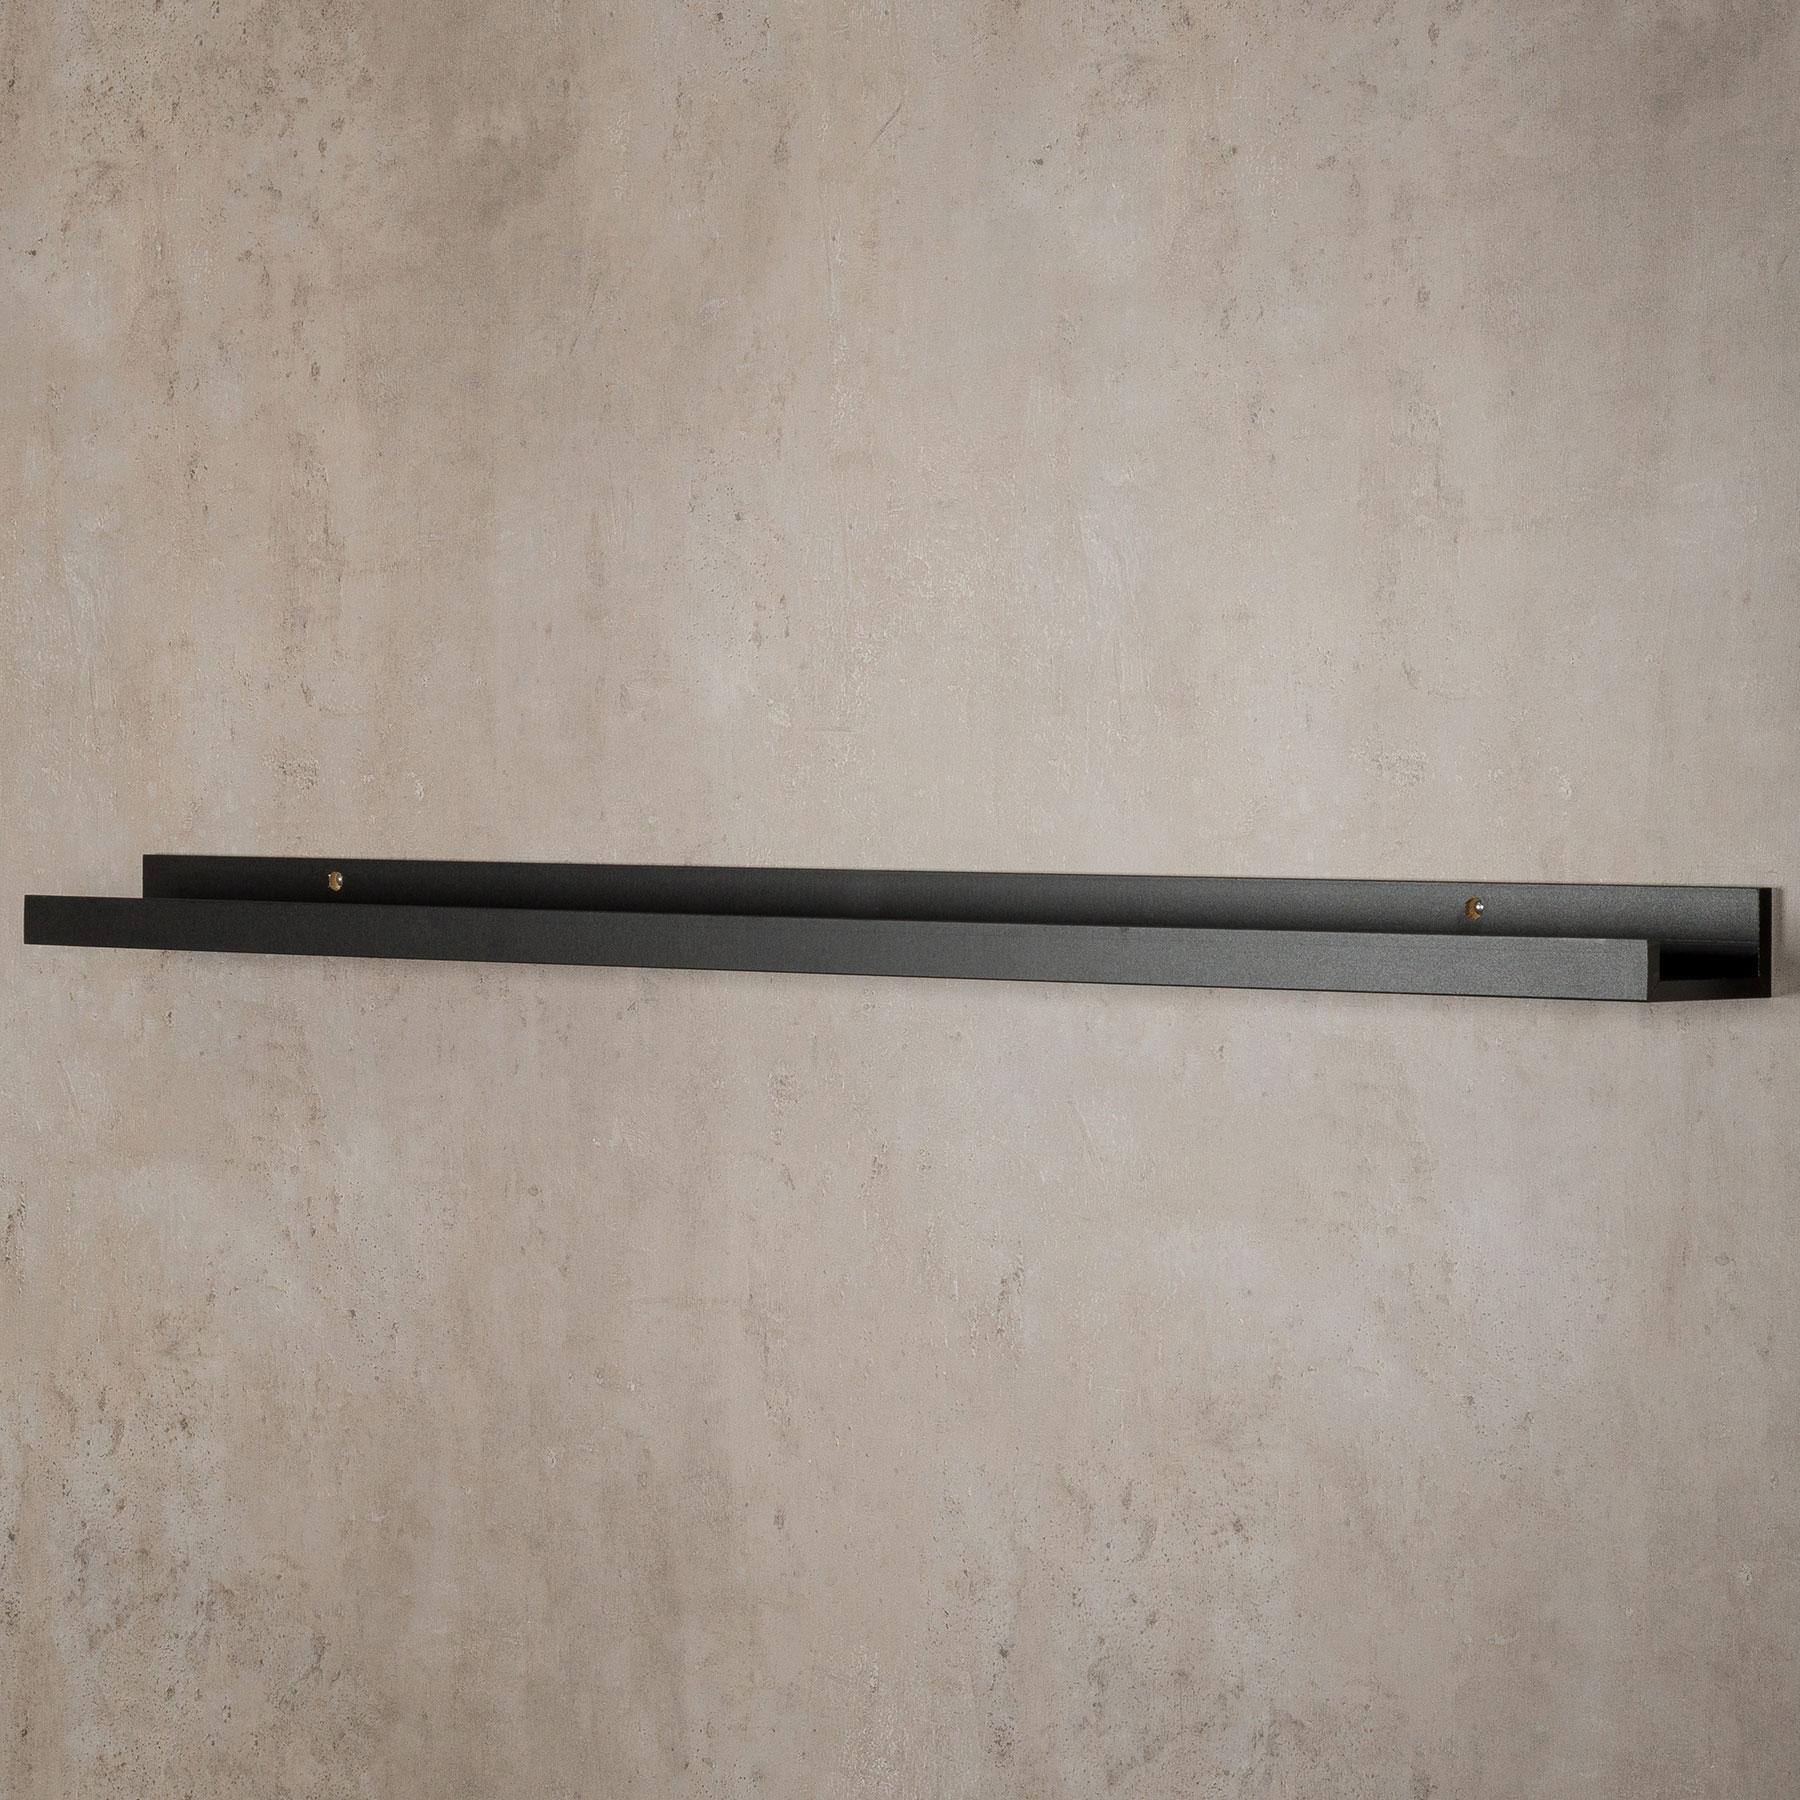 Bilderleiste Holz bilderleiste schwarz 70cm lang mdf holz bilderschiene galerieschiene